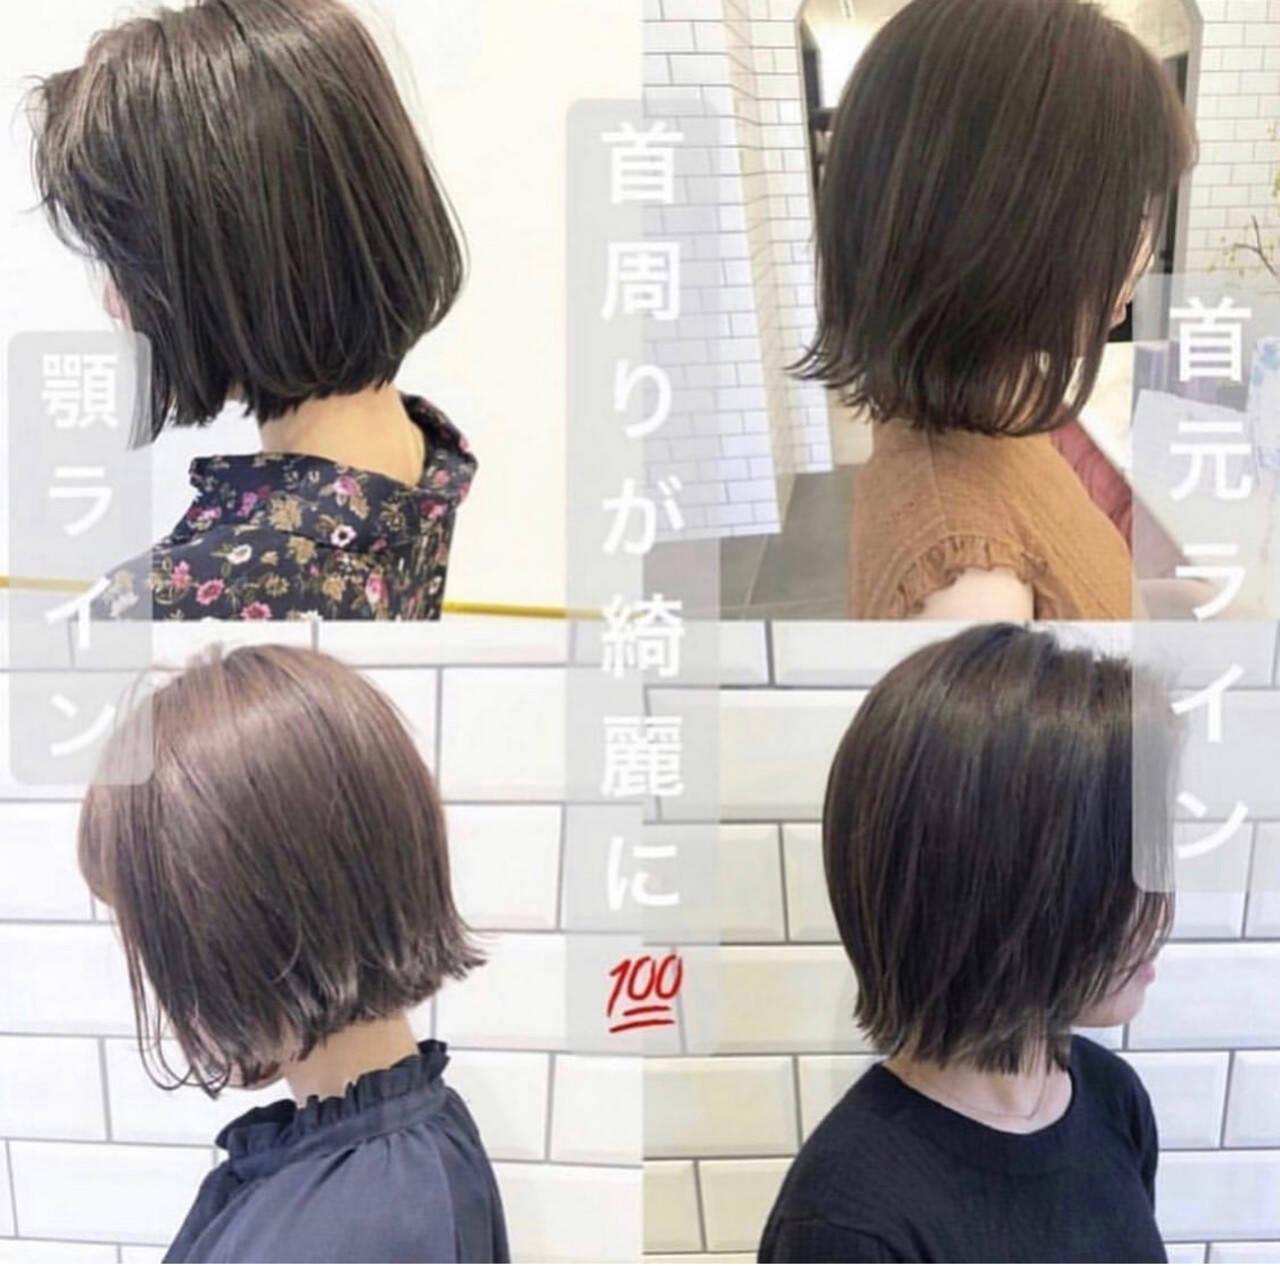 ミニボブ ショートボブ ショートヘア ナチュラルヘアスタイルや髪型の写真・画像